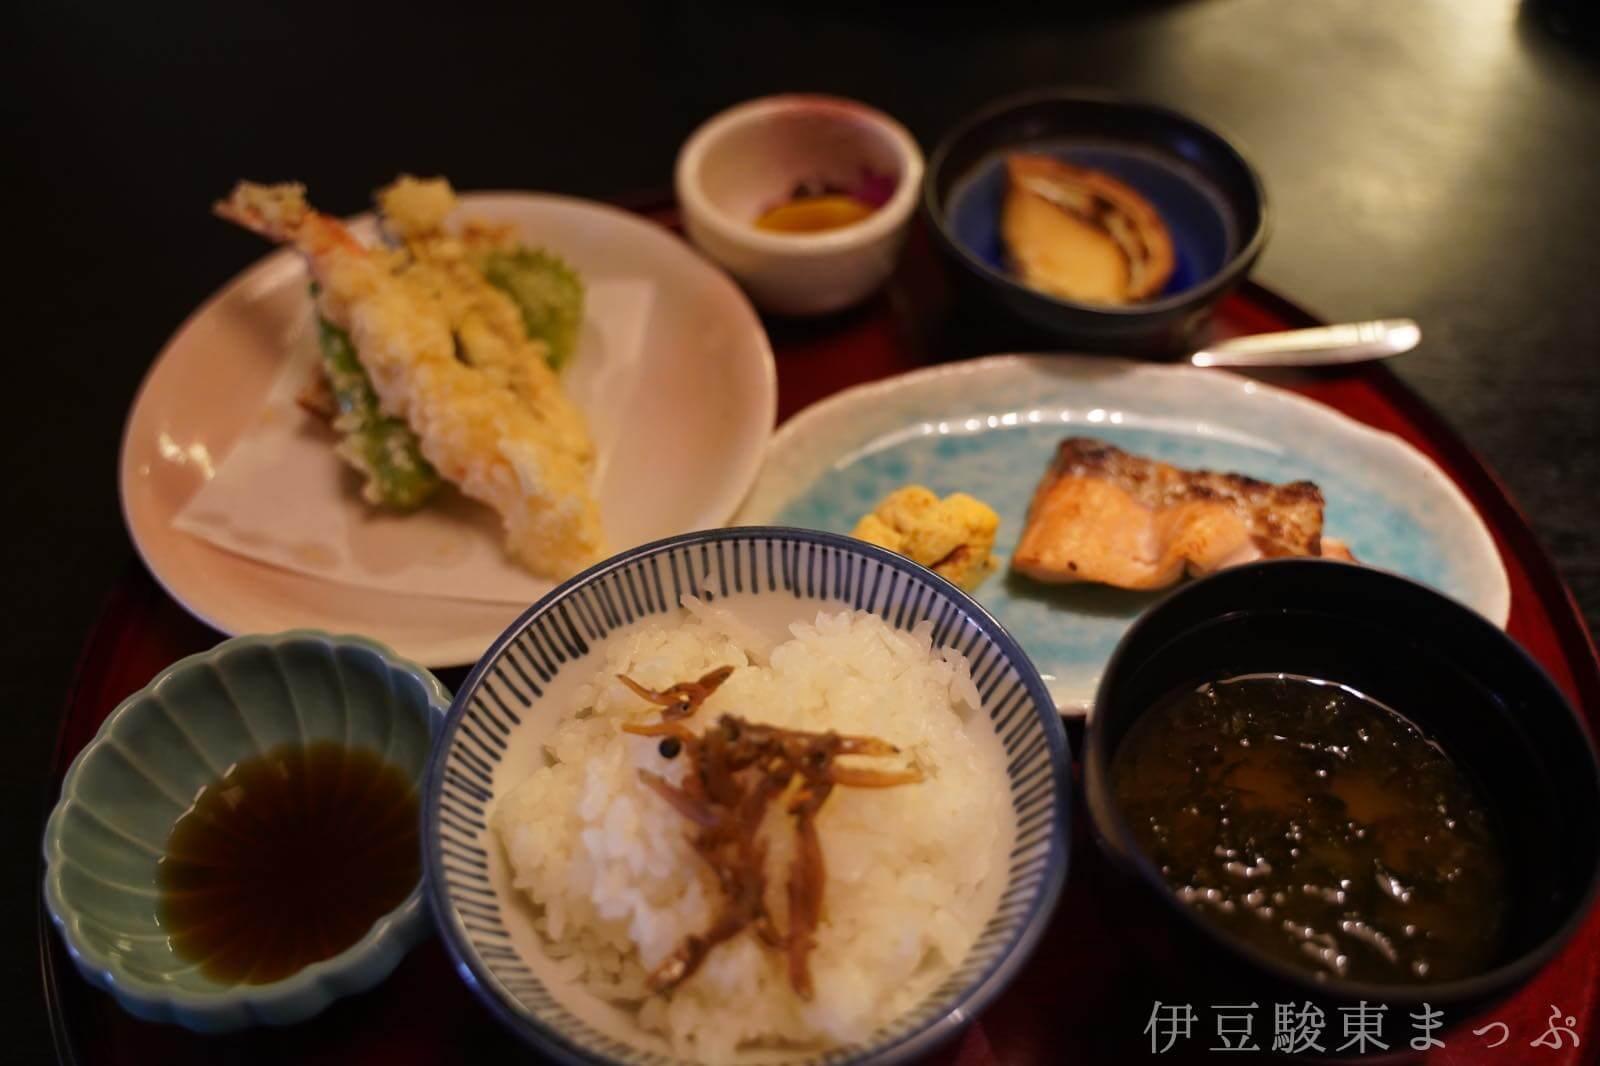 【食彩あら川 丸平】三嶋大社すぐ近くでうなぎも食べられる和食屋さんでランチしました